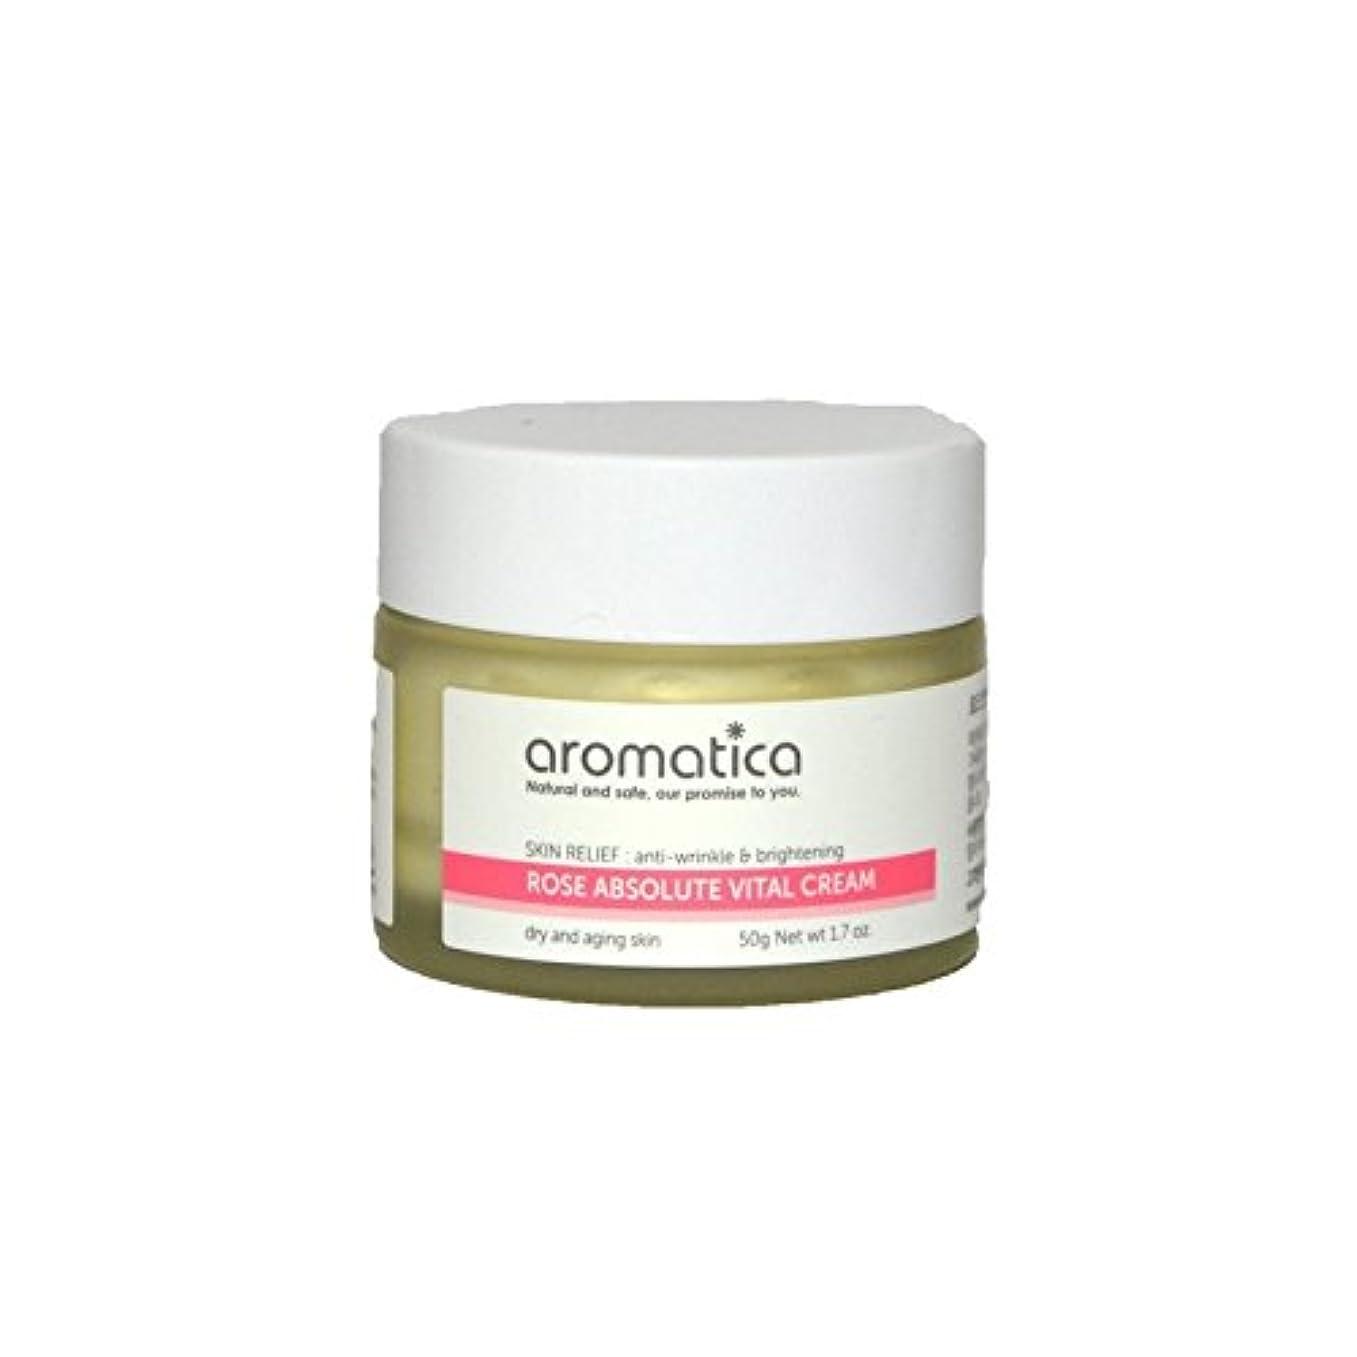 レンチ考えるを通してaromatica Rose Absolute Vital Cream 50g (Pack of 6) - は絶対不可欠なクリーム50グラムのバラ x6 [並行輸入品]